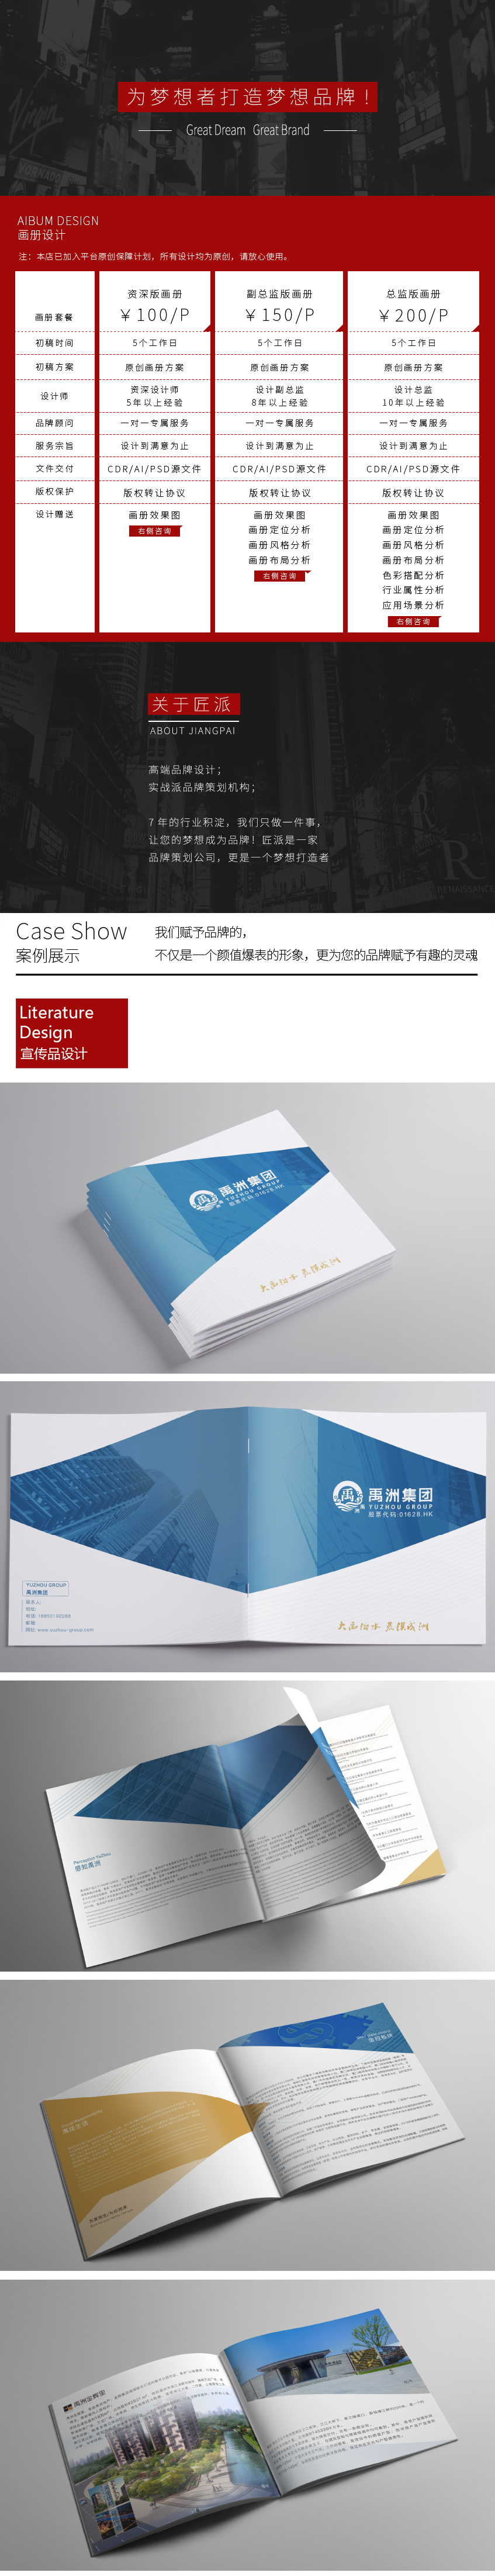 _产品画册纪念画册企业画册形象宣传产品展示使用说明宣传品设计1